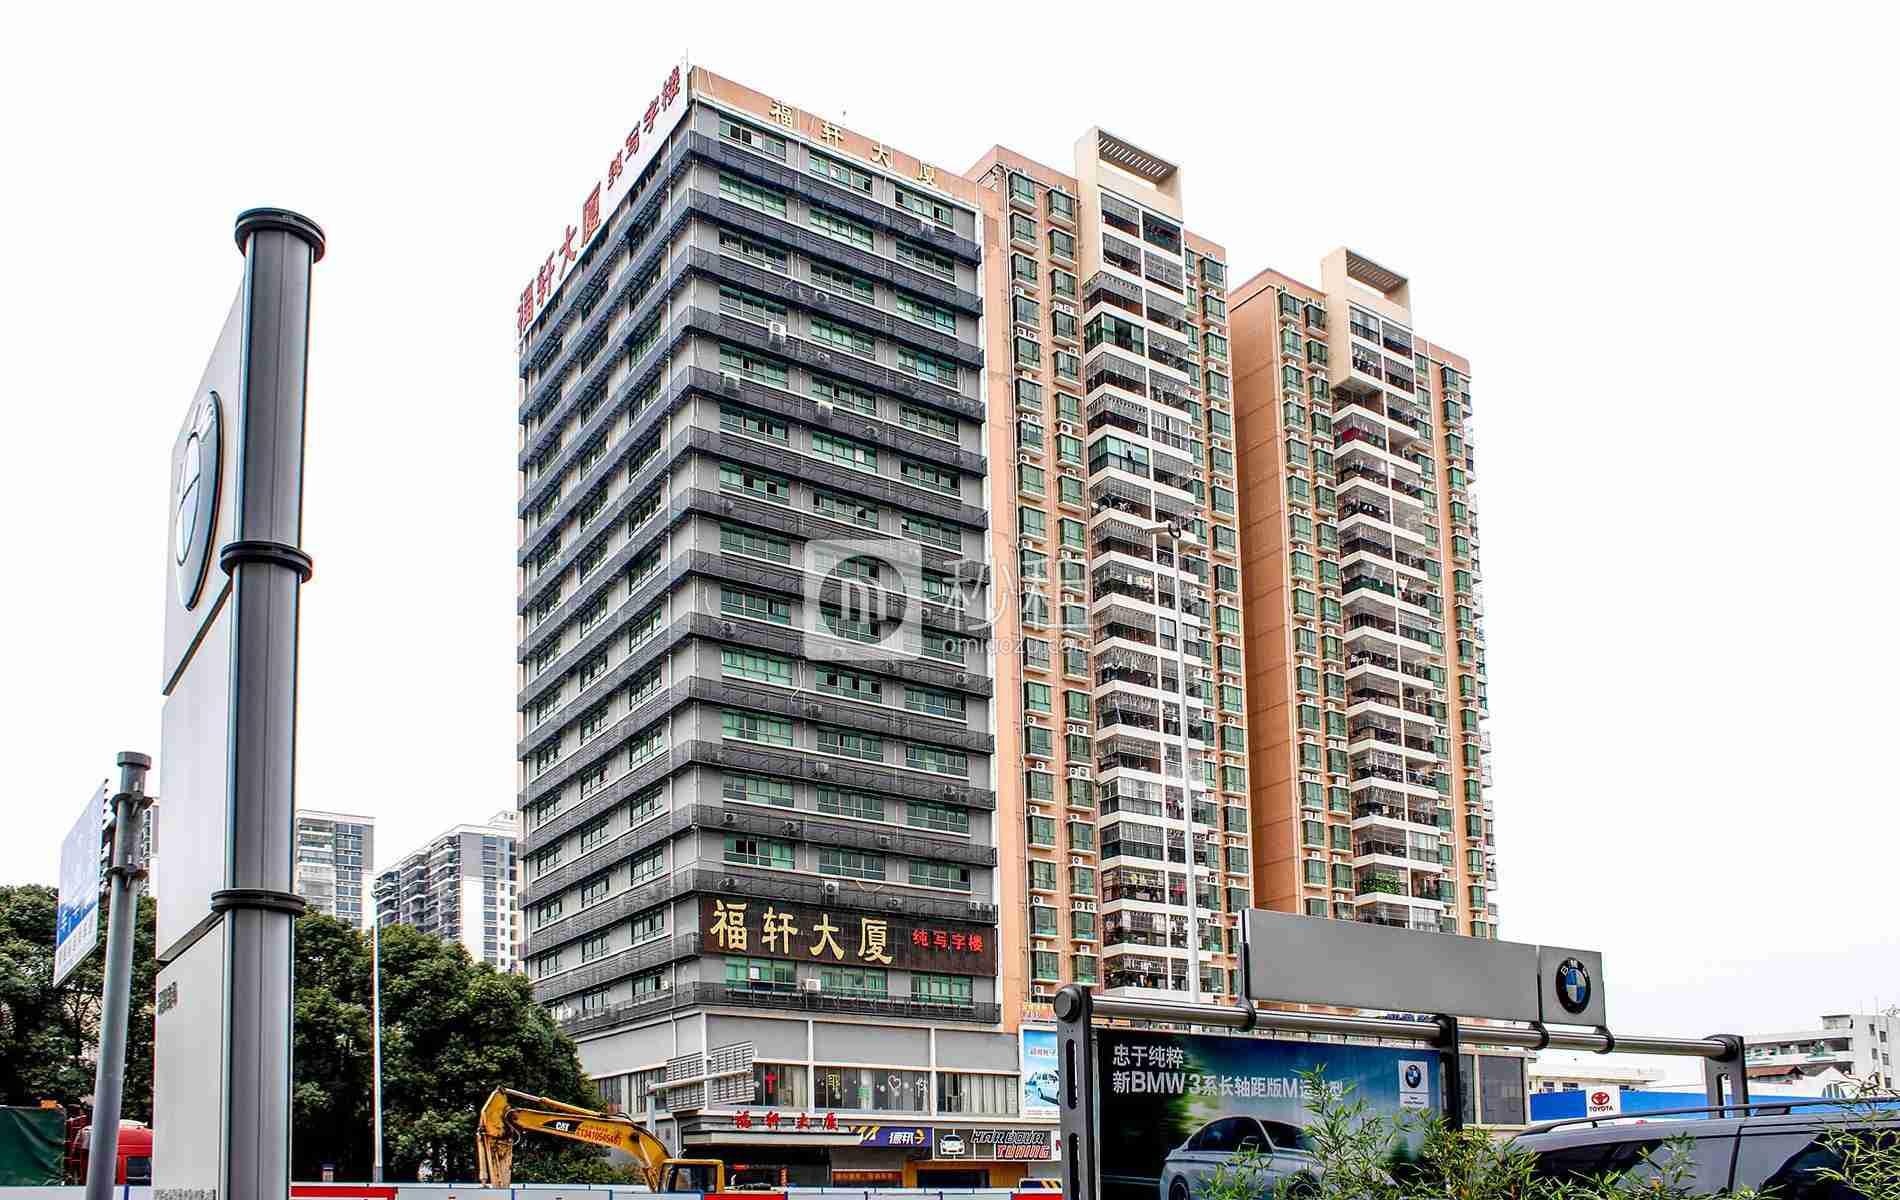 鸿华中心写字楼出租/招租/租赁,鸿华中心办公室出租/招租/租赁